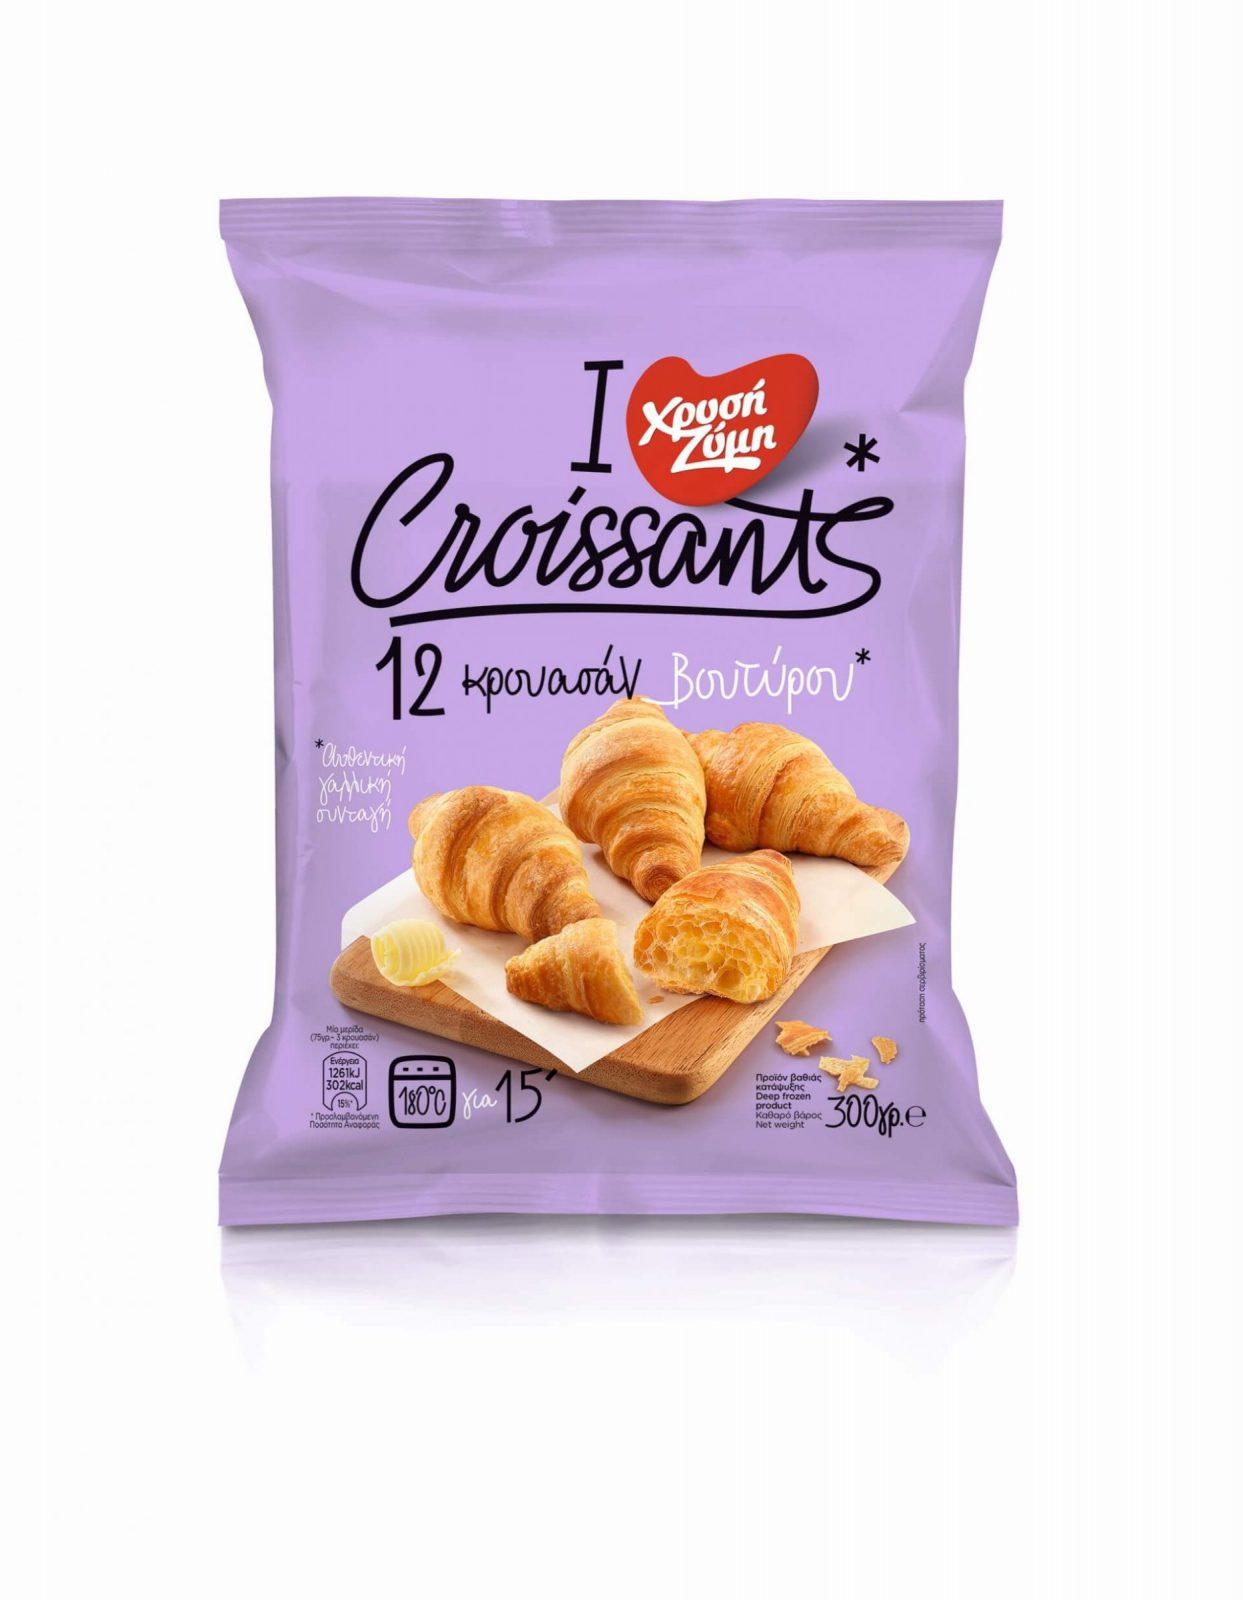 XRYSI ZYMI croissant boutyrou 300g scaled